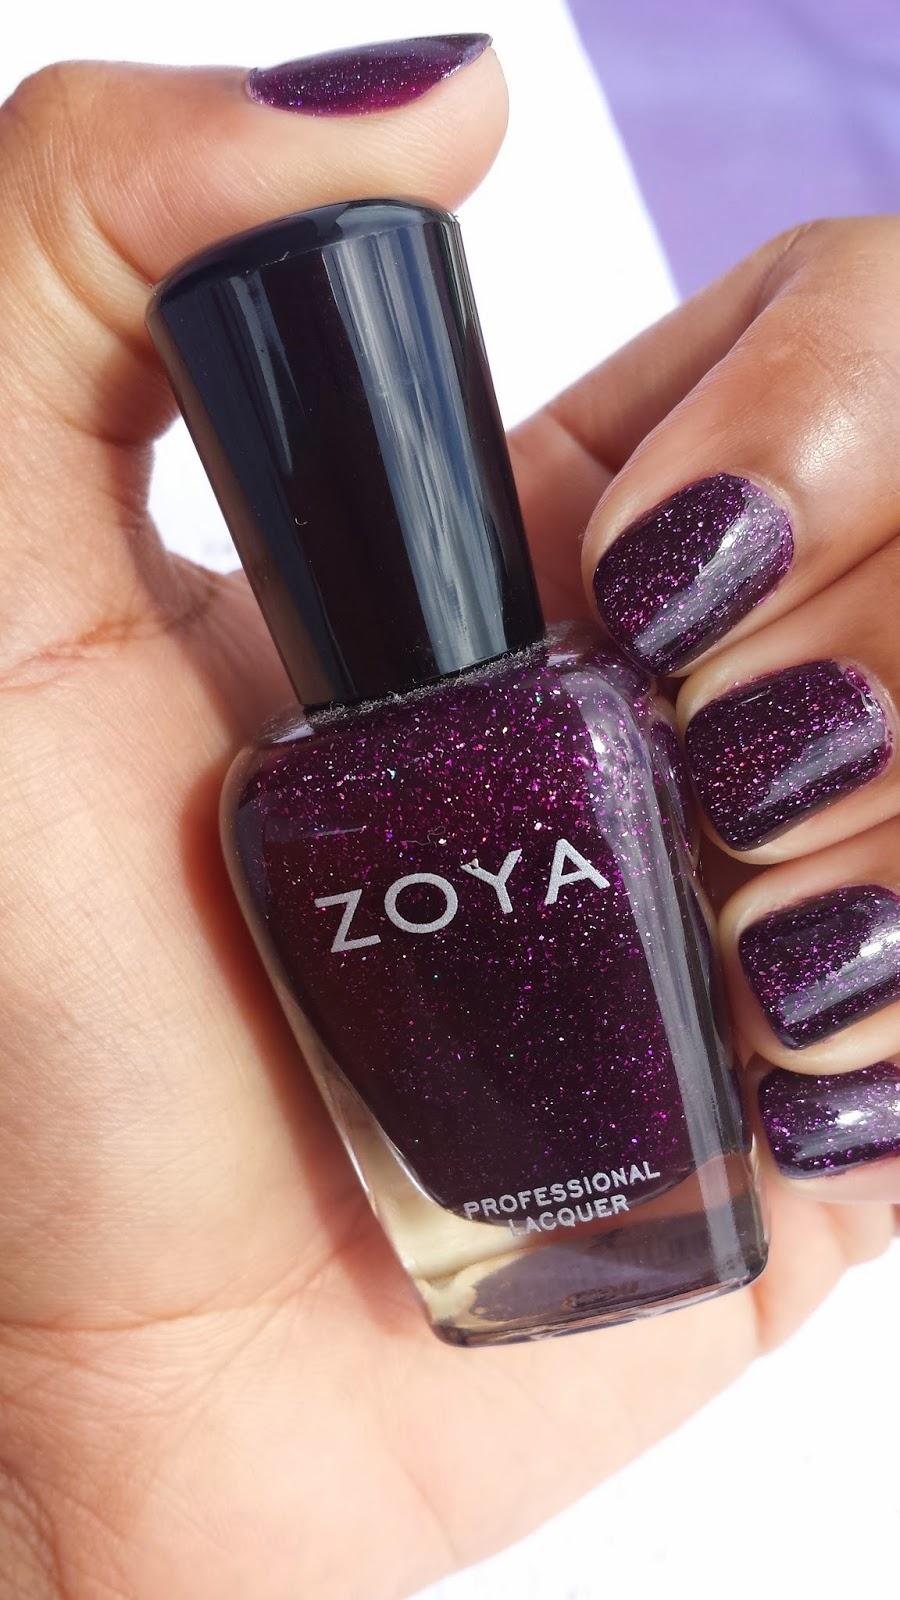 Zoya 'Payton' - www.modenmakeup.com